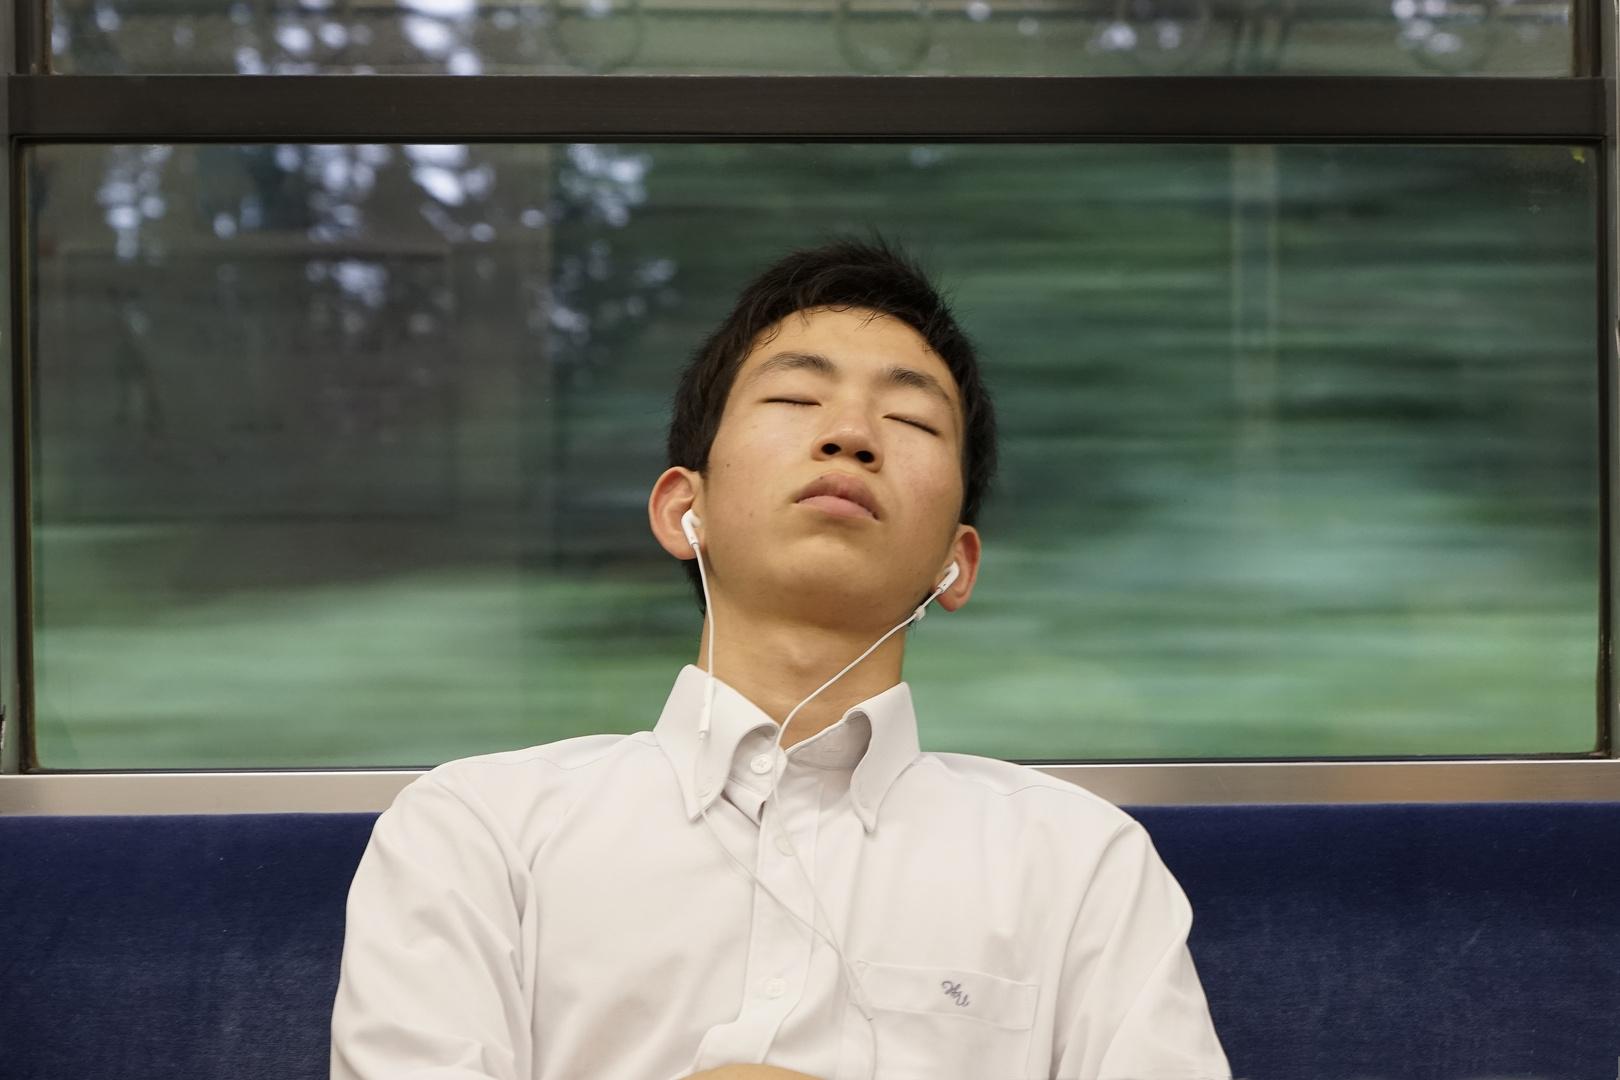 Am Morgen im Zug